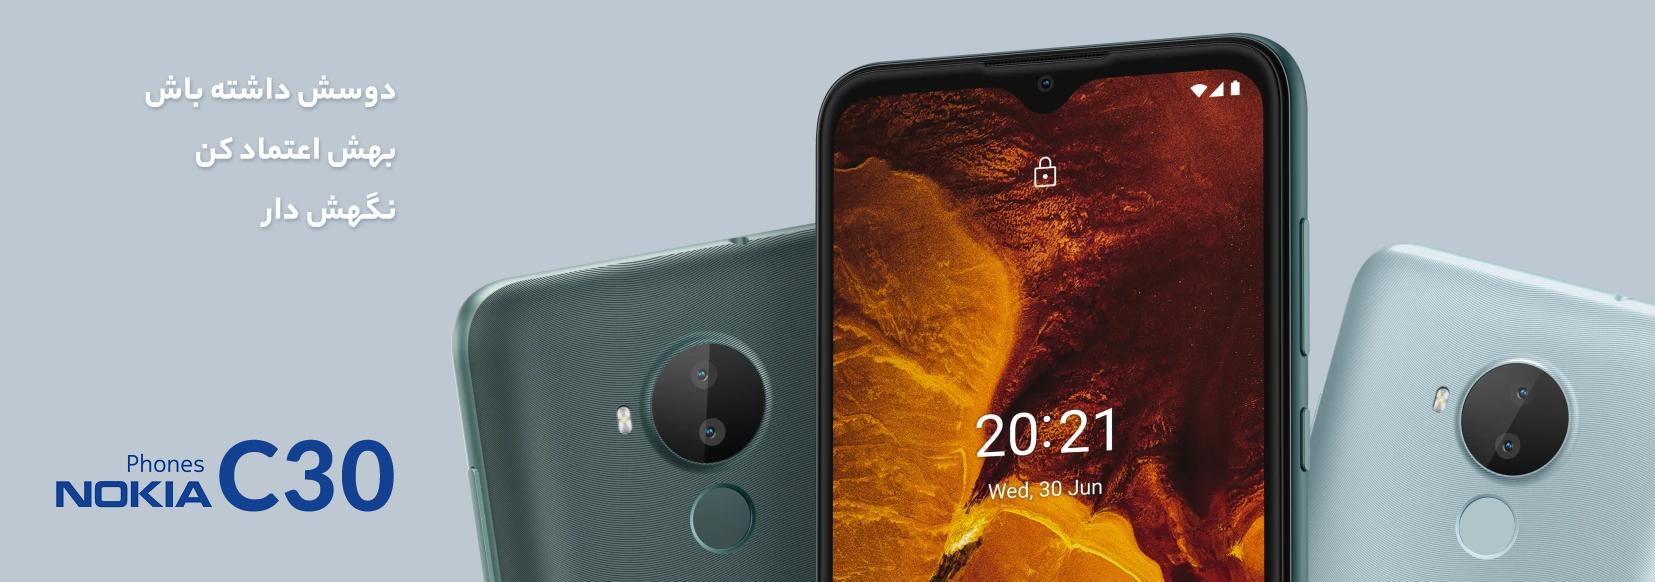 معرفی گوشی Nokia C30